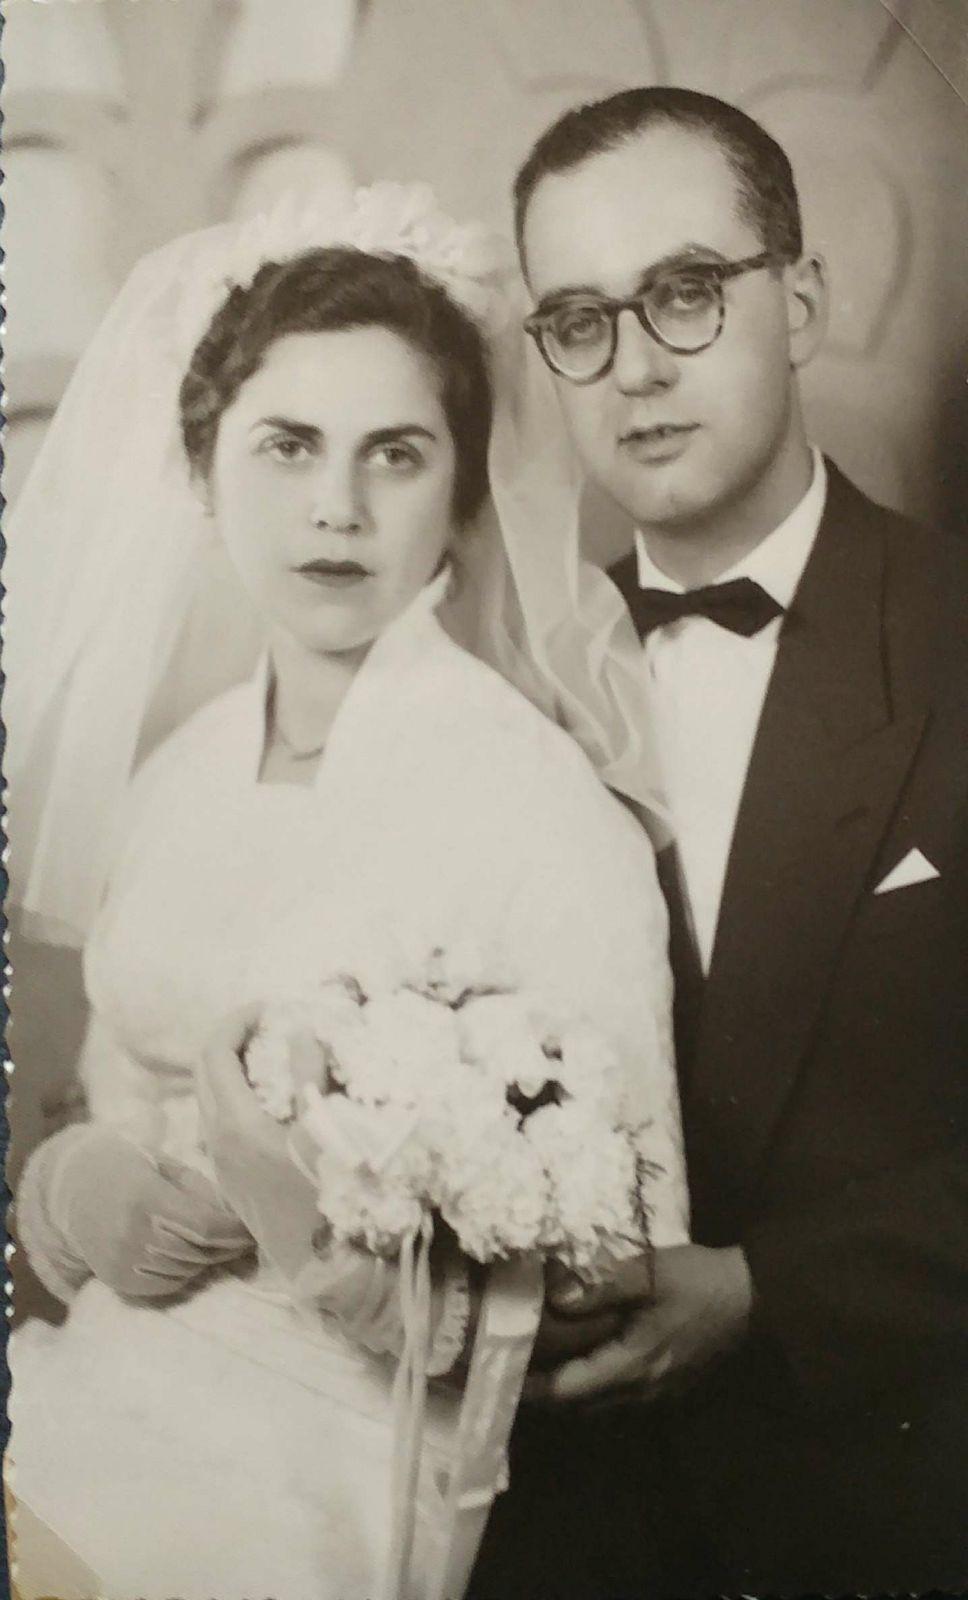 תמונה מהאלבום המשפחתי.